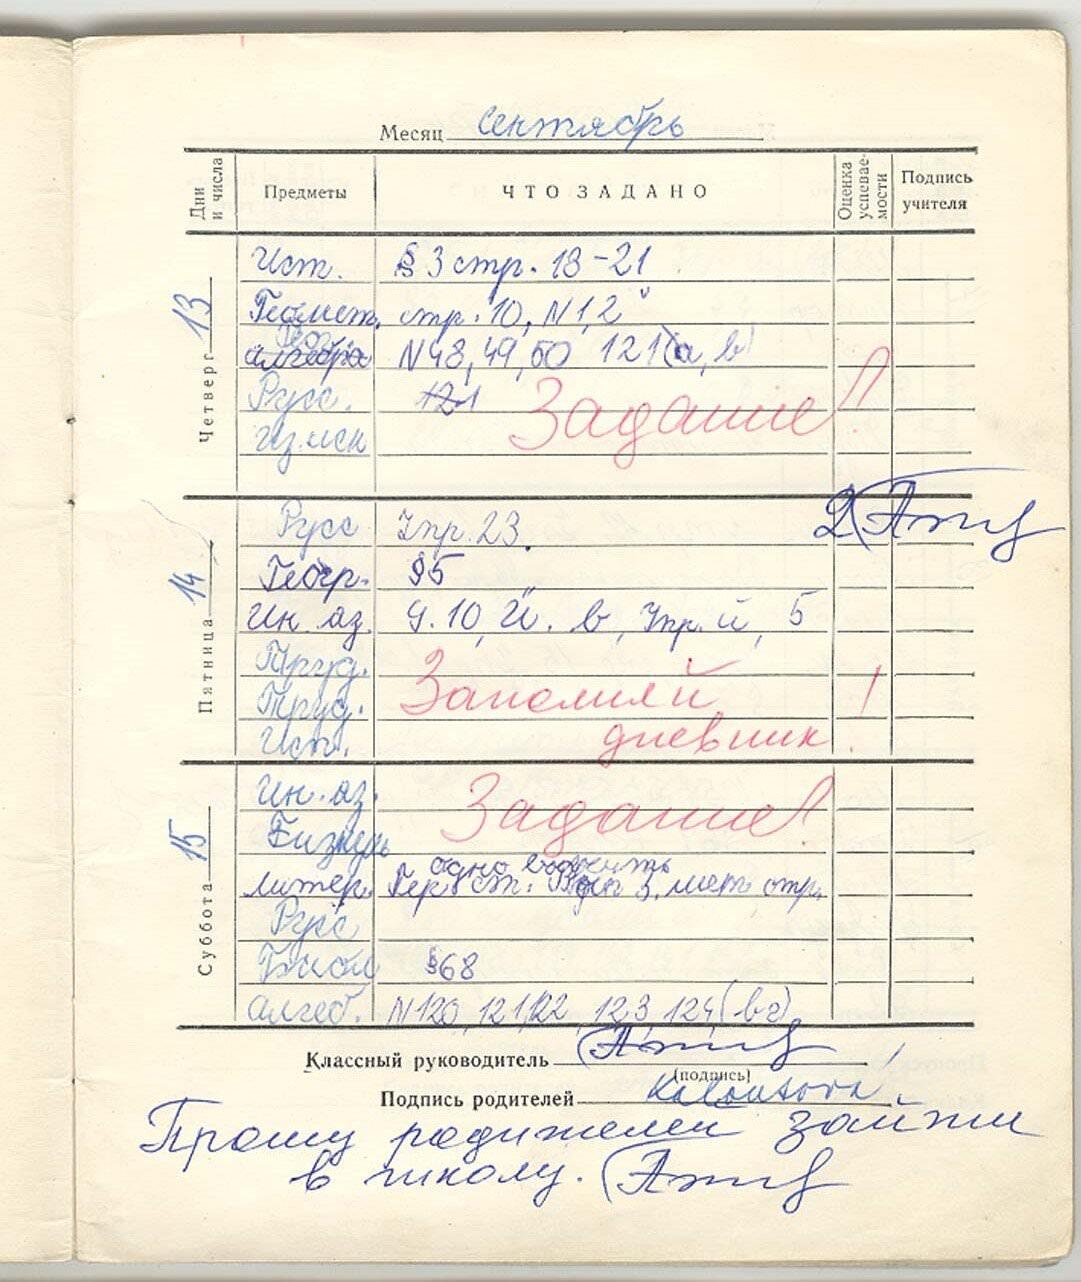 008. 1973-1974. 6 класс. Сентябрь